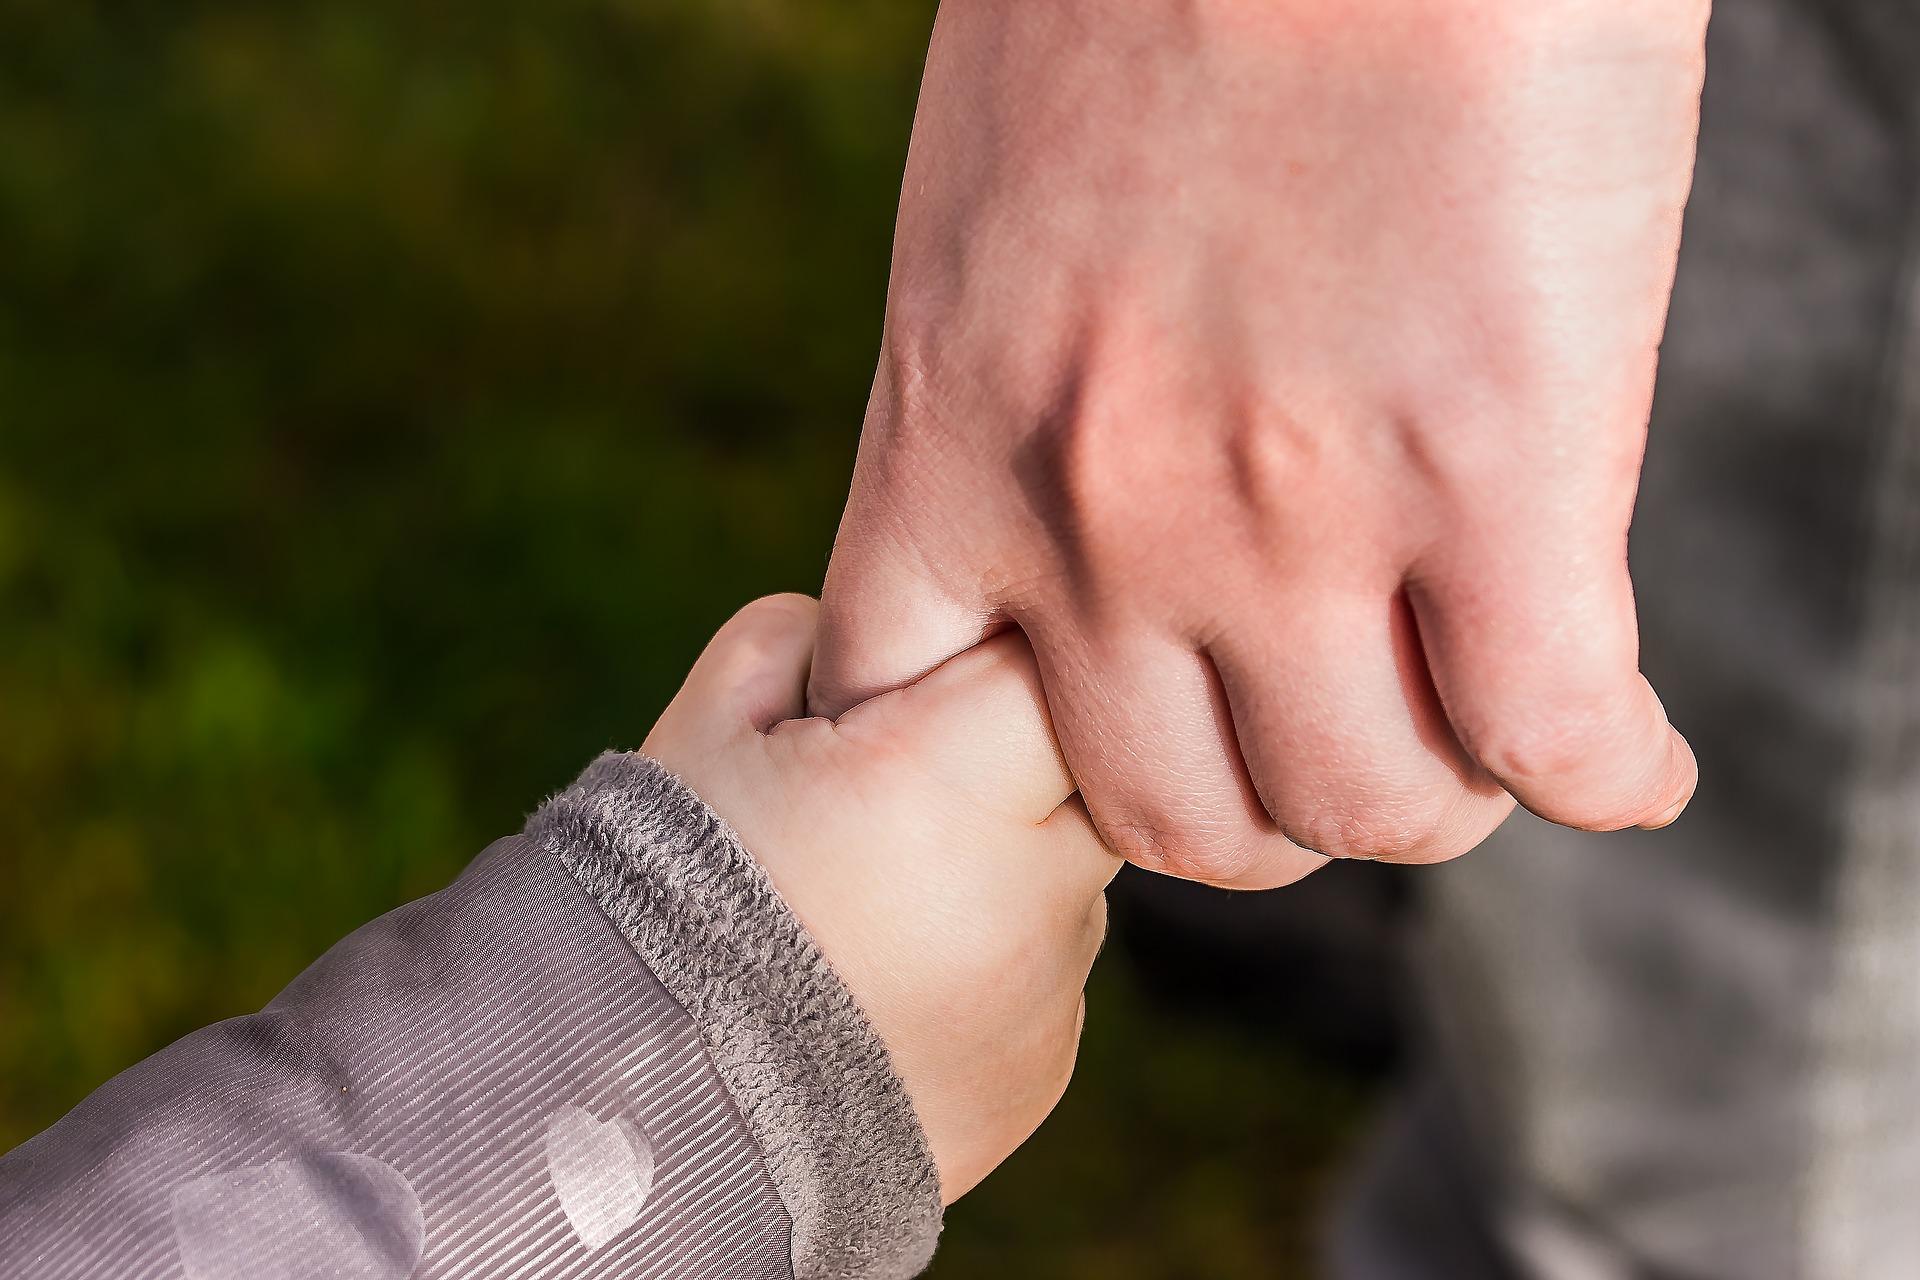 احذر .. لا ترفع طفلك من يده بعنف